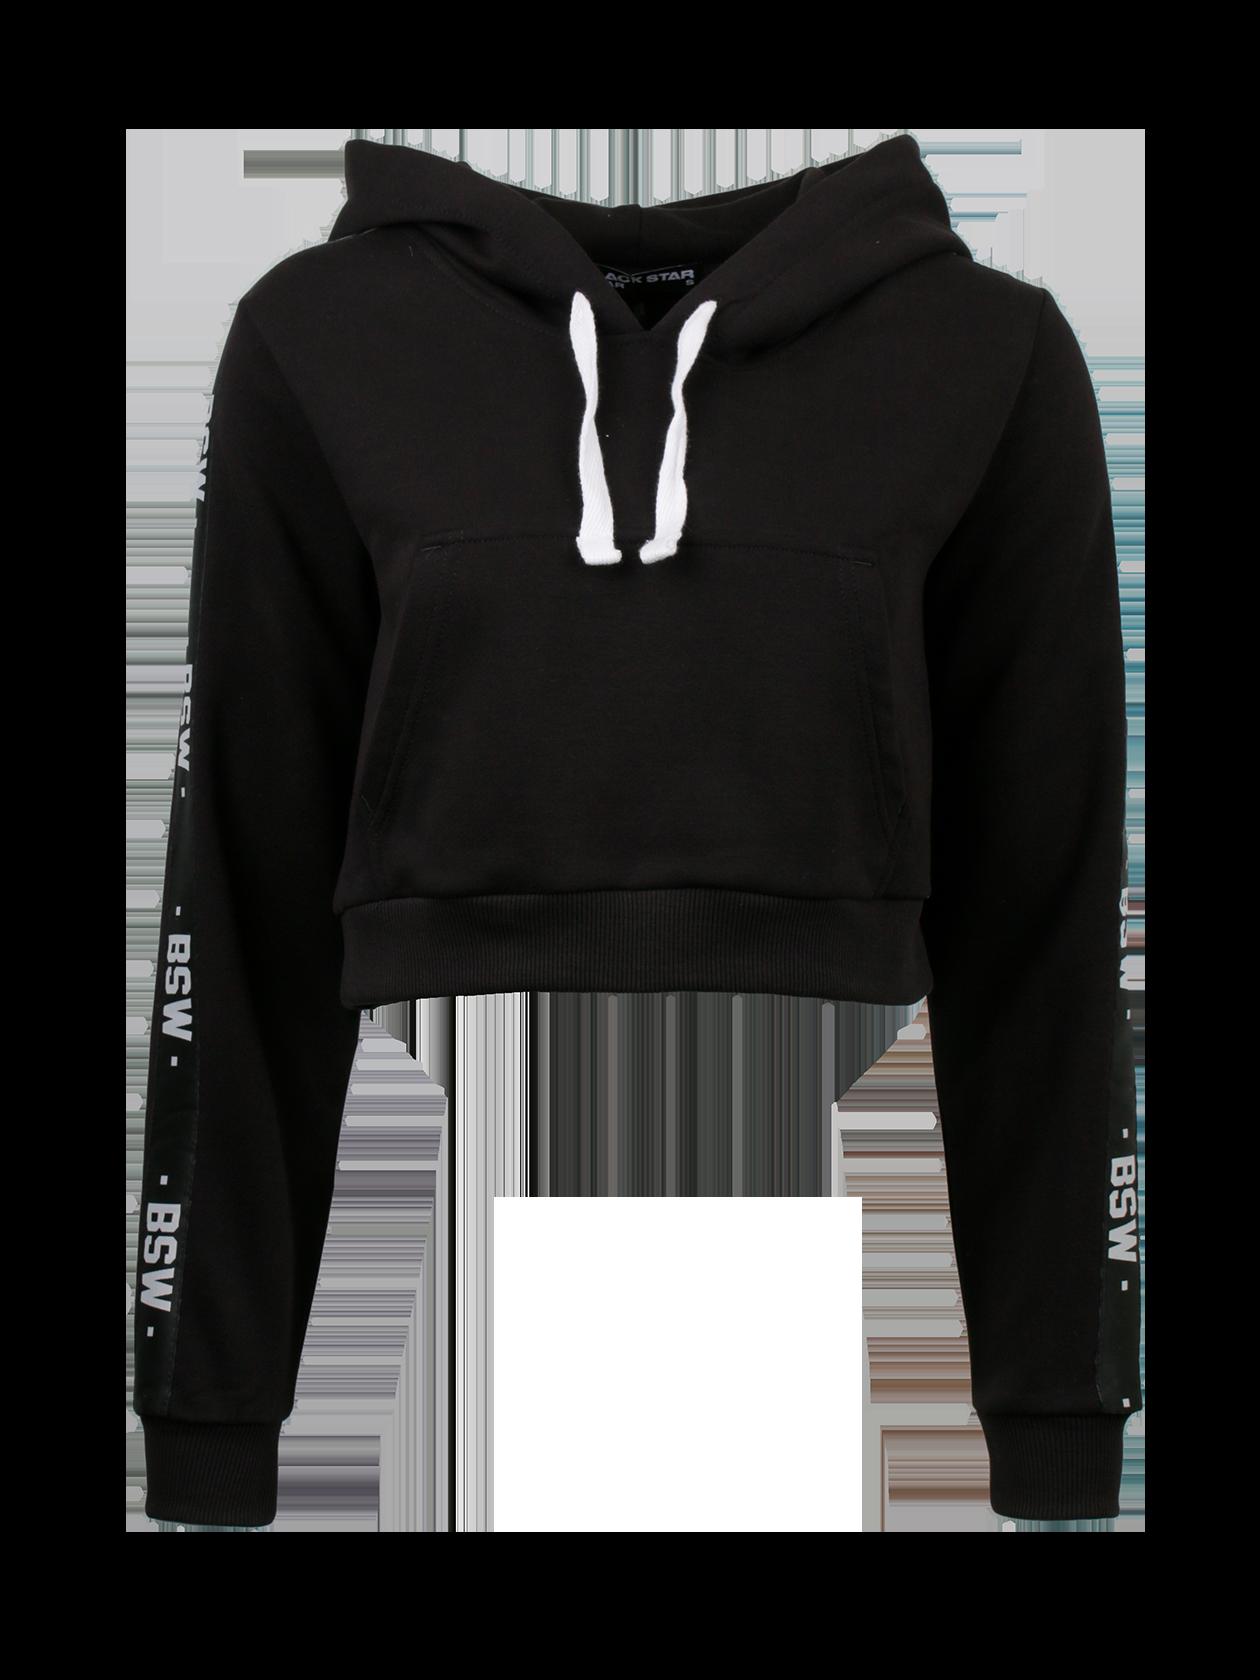 Костюм спортивный женский BSW STRIPEОригинальный костюм спортивный женский BSW Stripe для активных девушек, которые любят быть в центре внимания. Комплект представлен в лаконичной черной расцветке, создан из первоклассного натурального футера. Верх в виде укороченной свободной толстовки, открывающей живот. Объемный капюшон дополнен белыми завязками, спереди большой накладной карман. Длинный рукав содержит вставки с надписями BSW. Брюки прямого кроя с эластичным поясом и голенищем, заужены к нижней части. Оптимальный вариант для спорта и отдыха.<br><br>Размер: L<br>Цвет: Черный<br>Пол: Женский